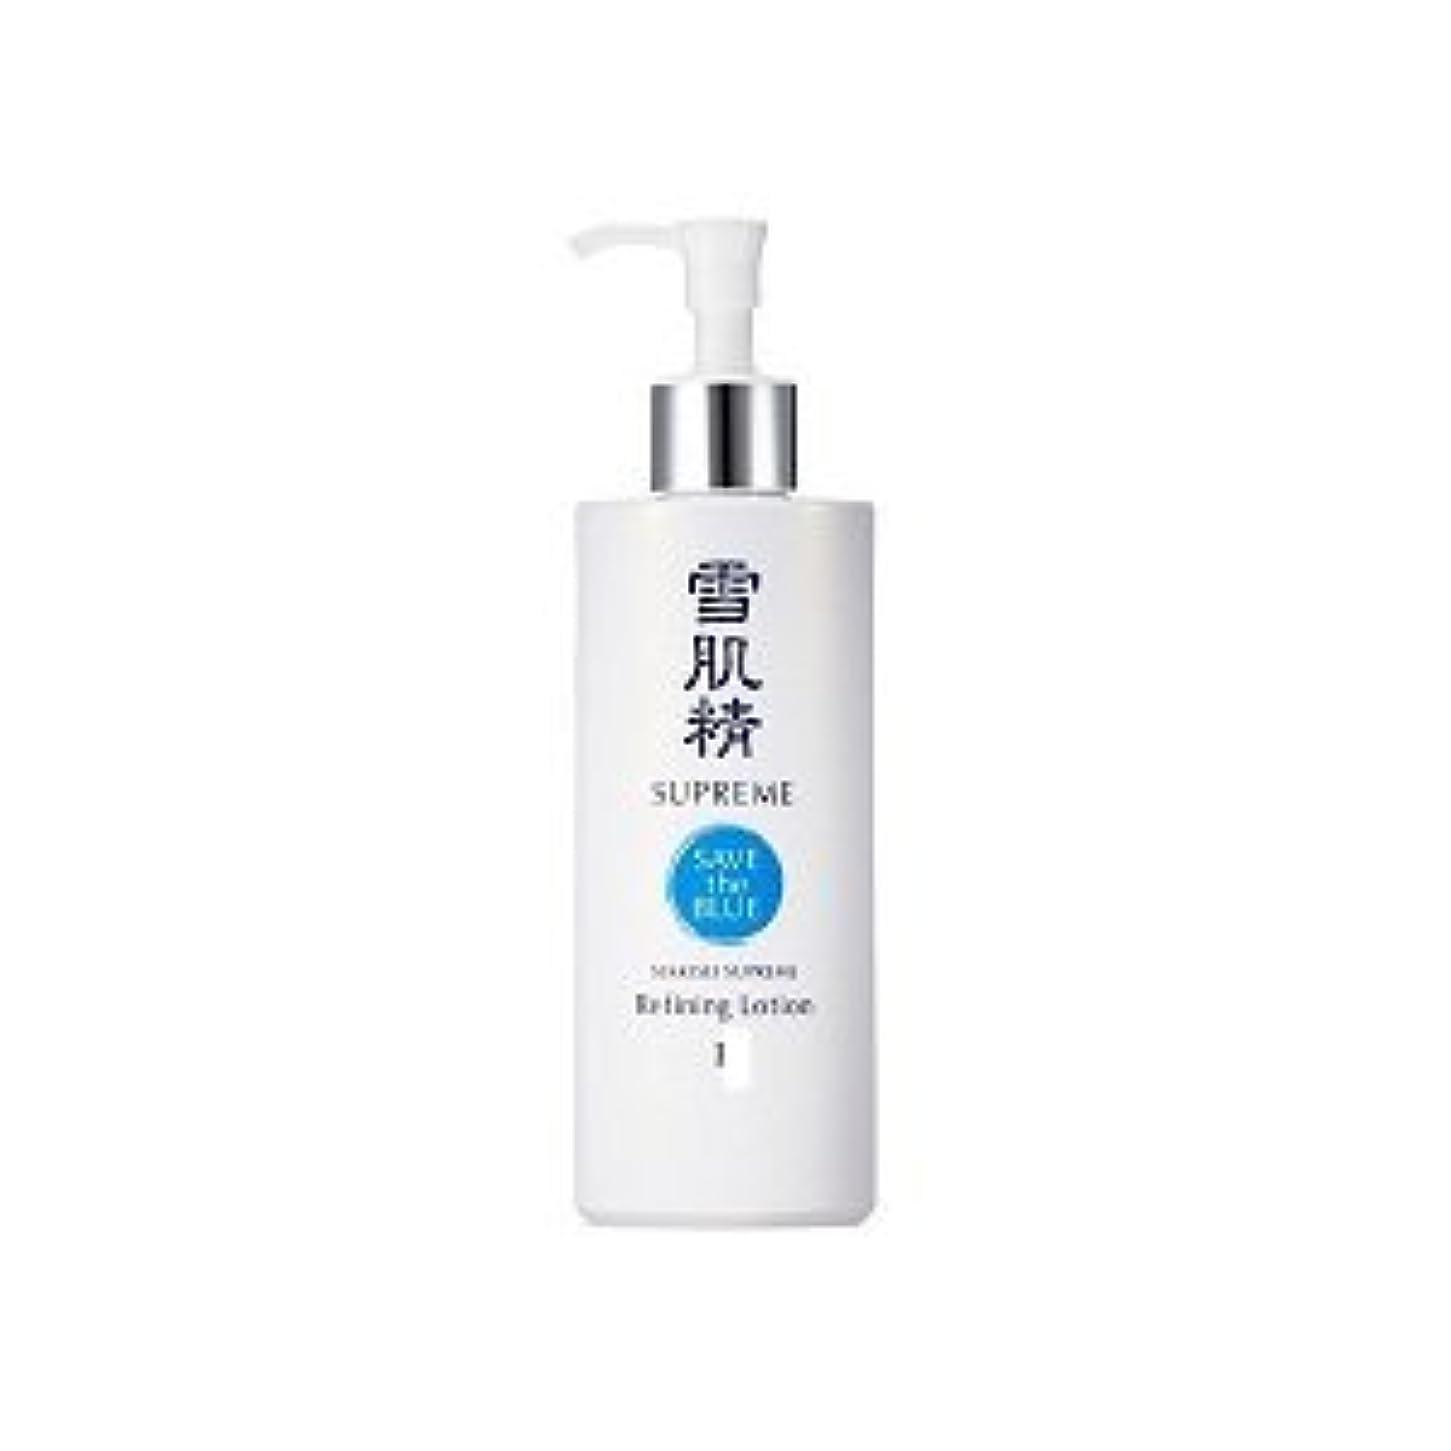 フォアタイプタイル異なるコーセー 雪肌精シュープレム 化粧水 I 400ml